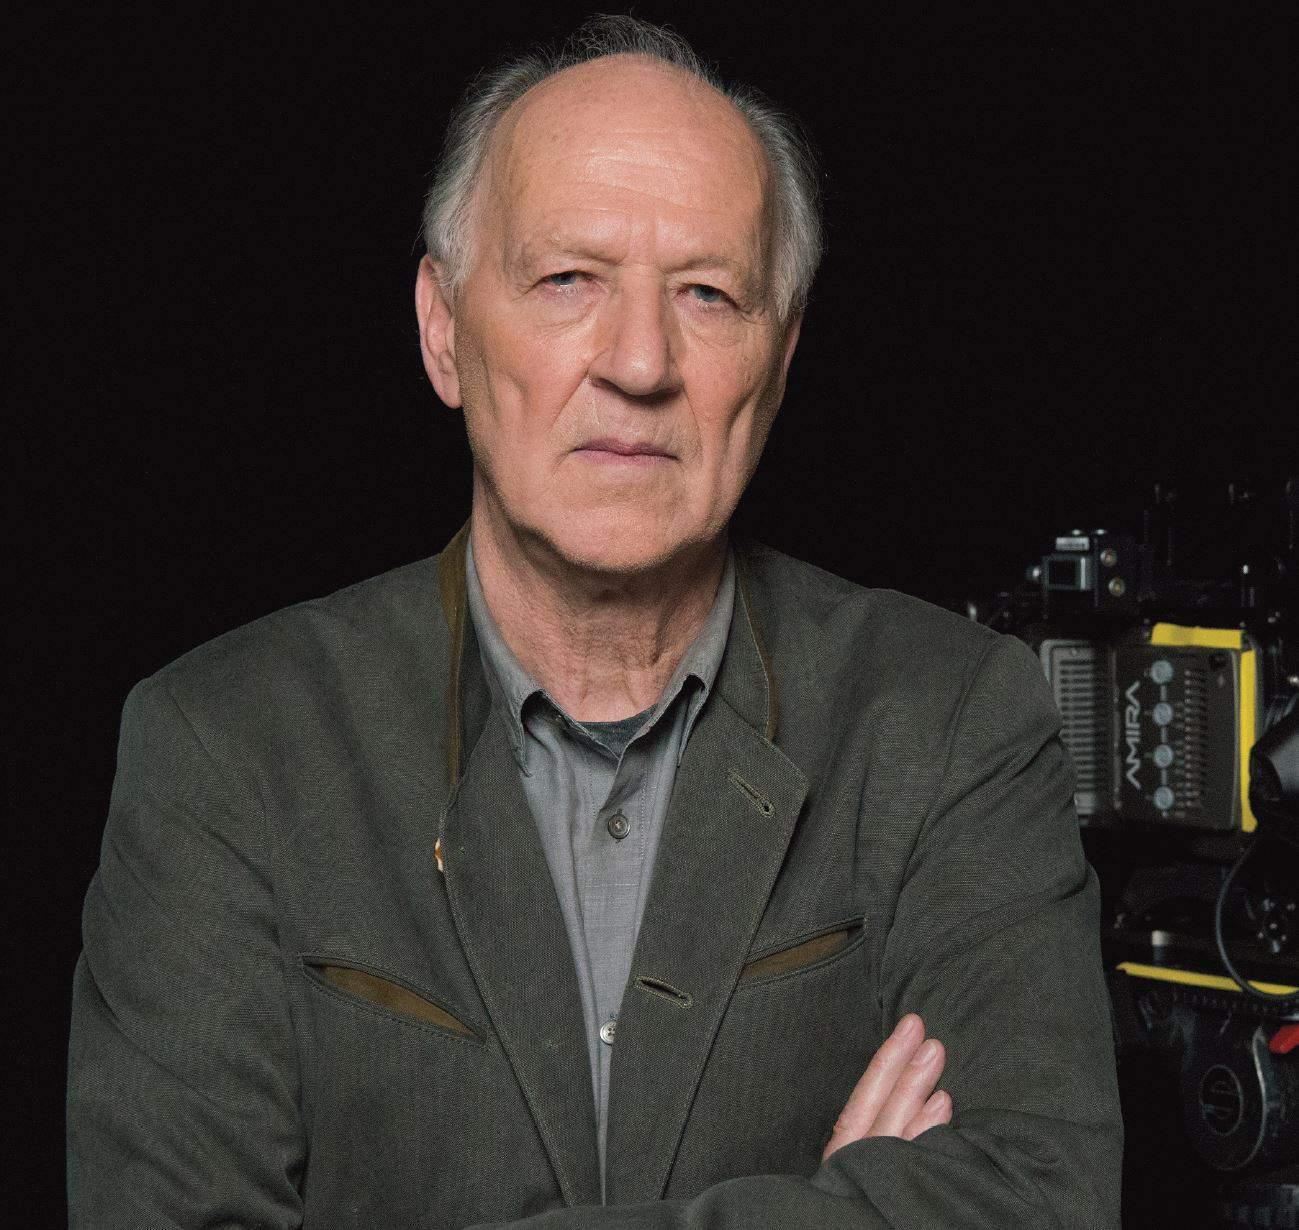 film school masterclass review werner herzog teaches filmmaking